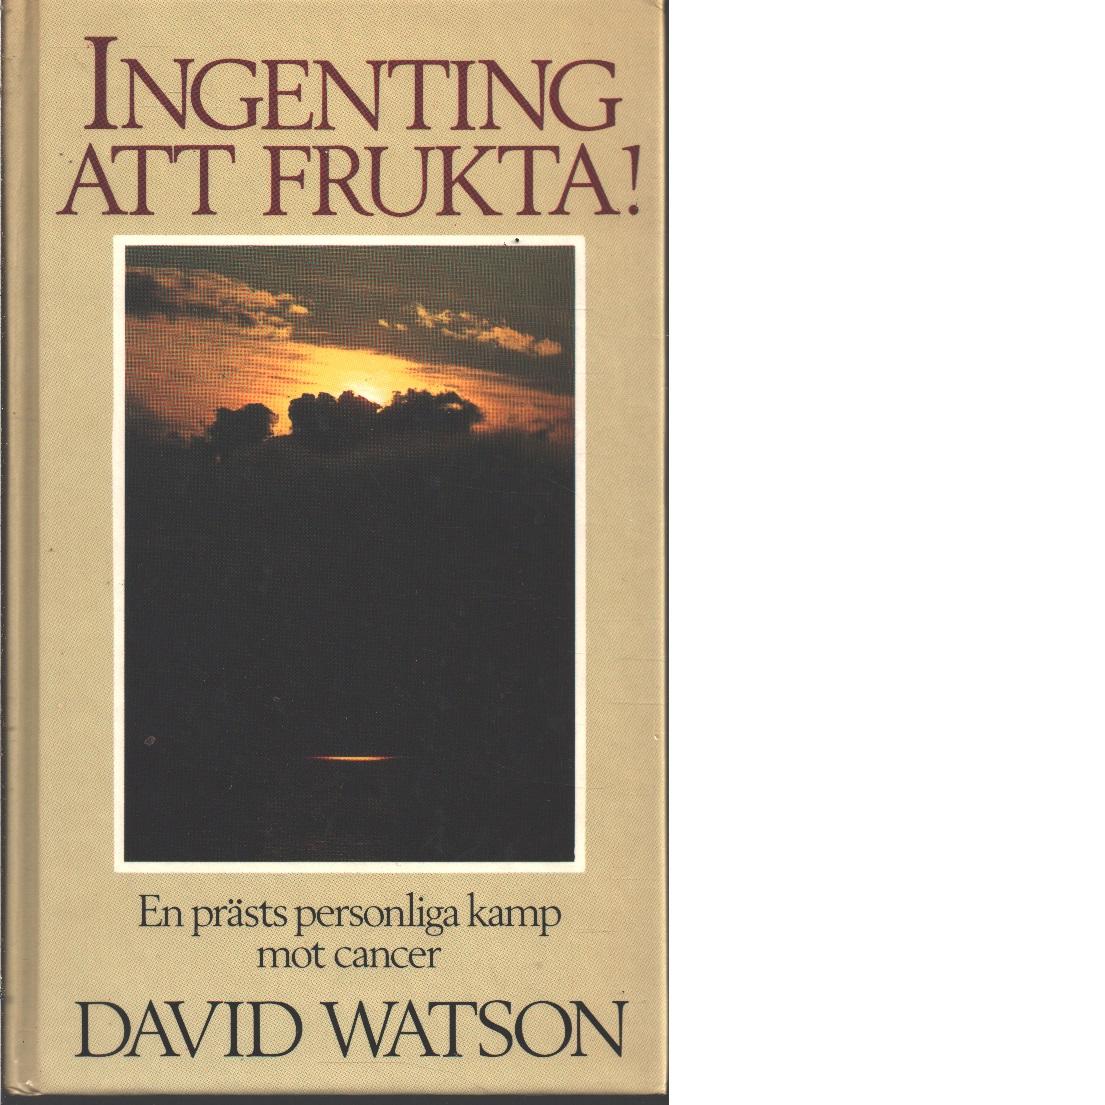 Ingenting att frukta! : en prästs personliga kamp mot cancer - Watson, David